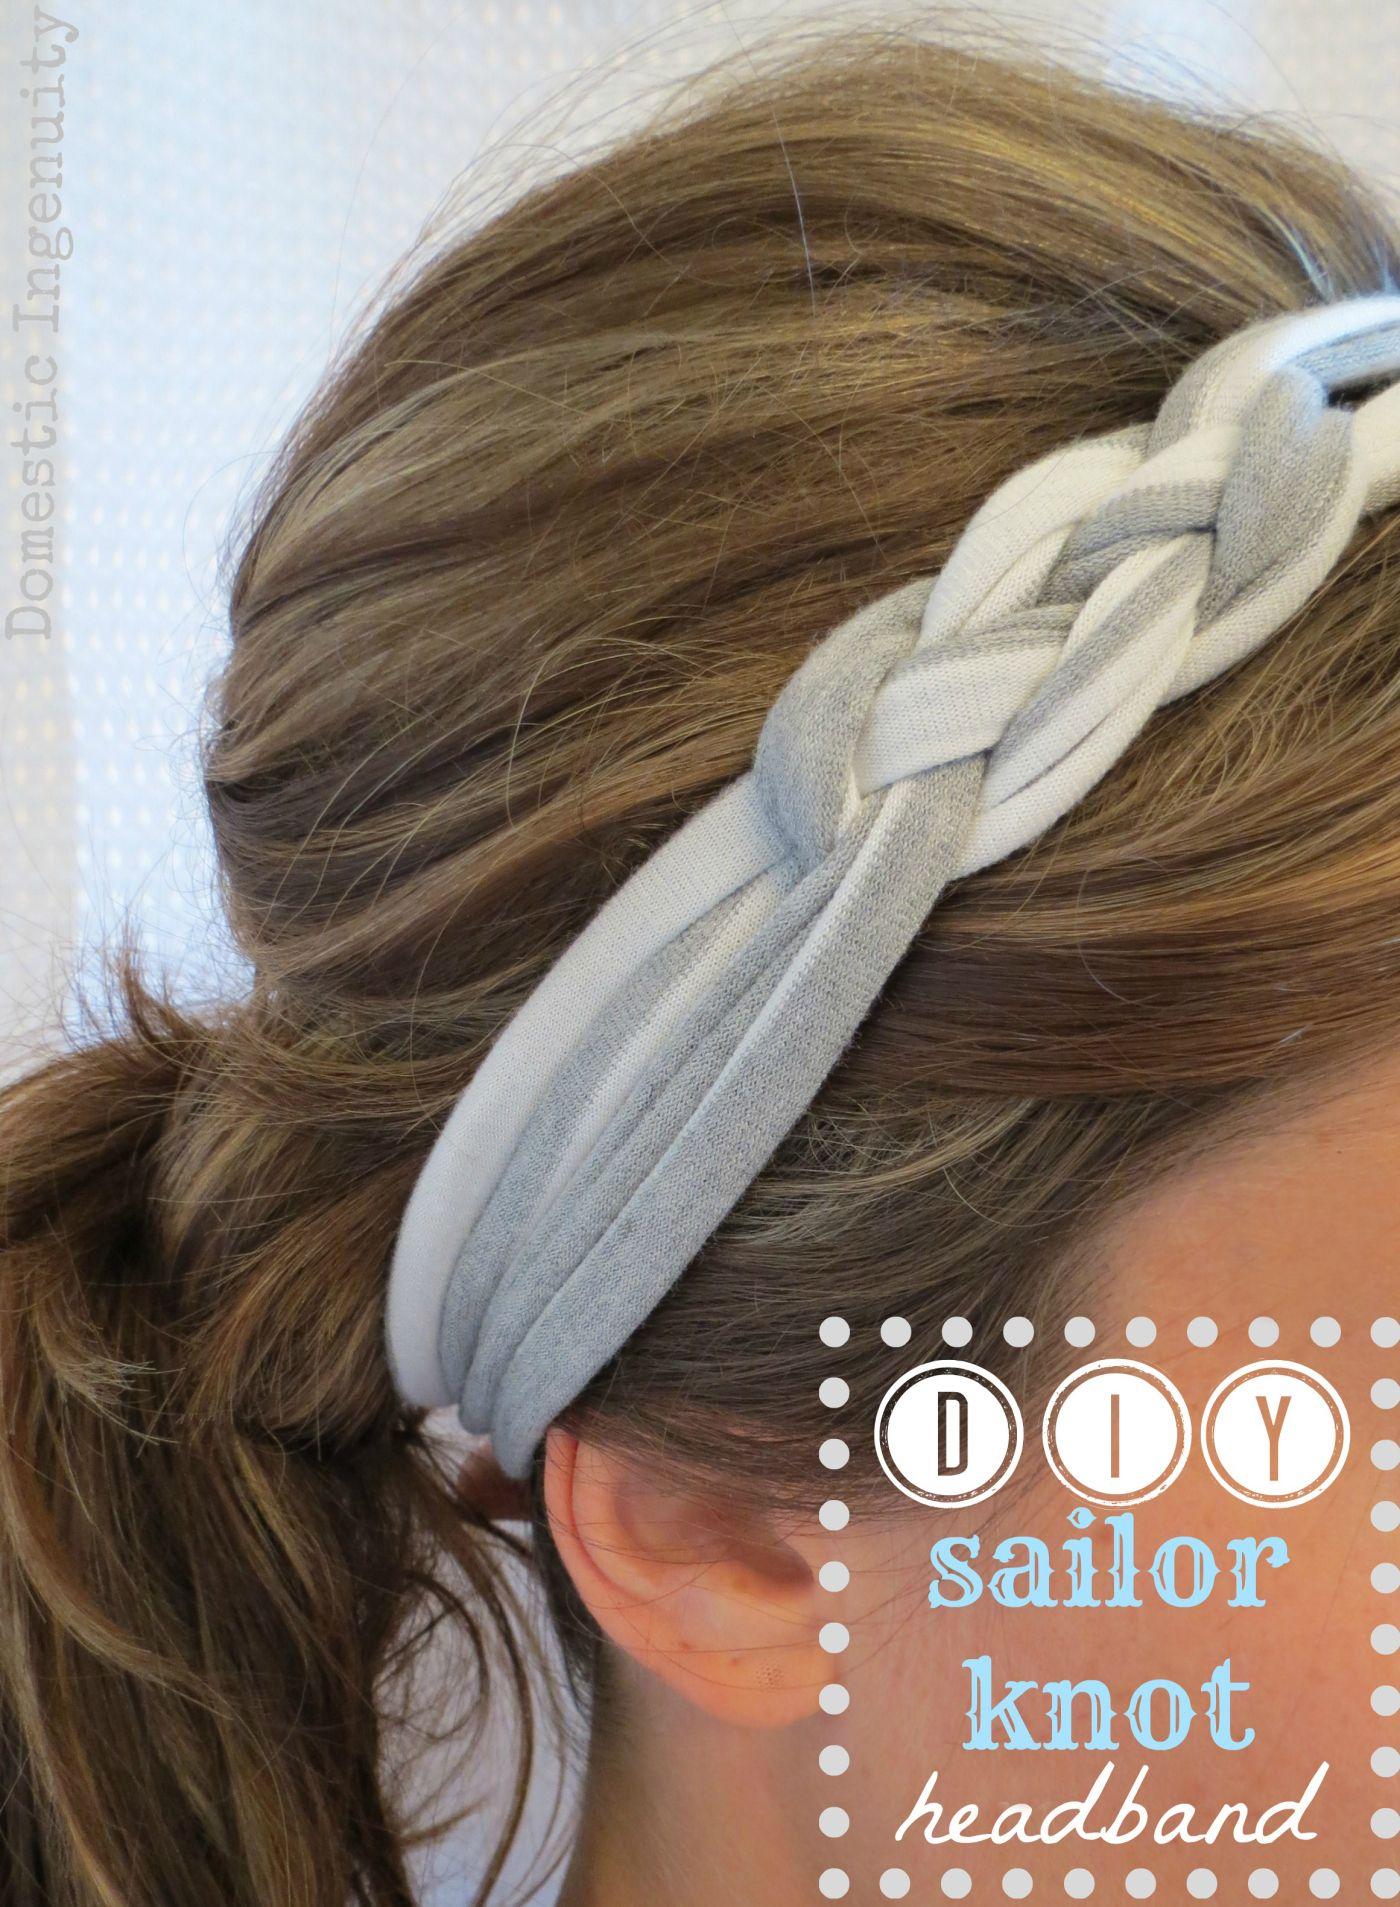 DIY Sailor Knot Headband  9baaeaa571f